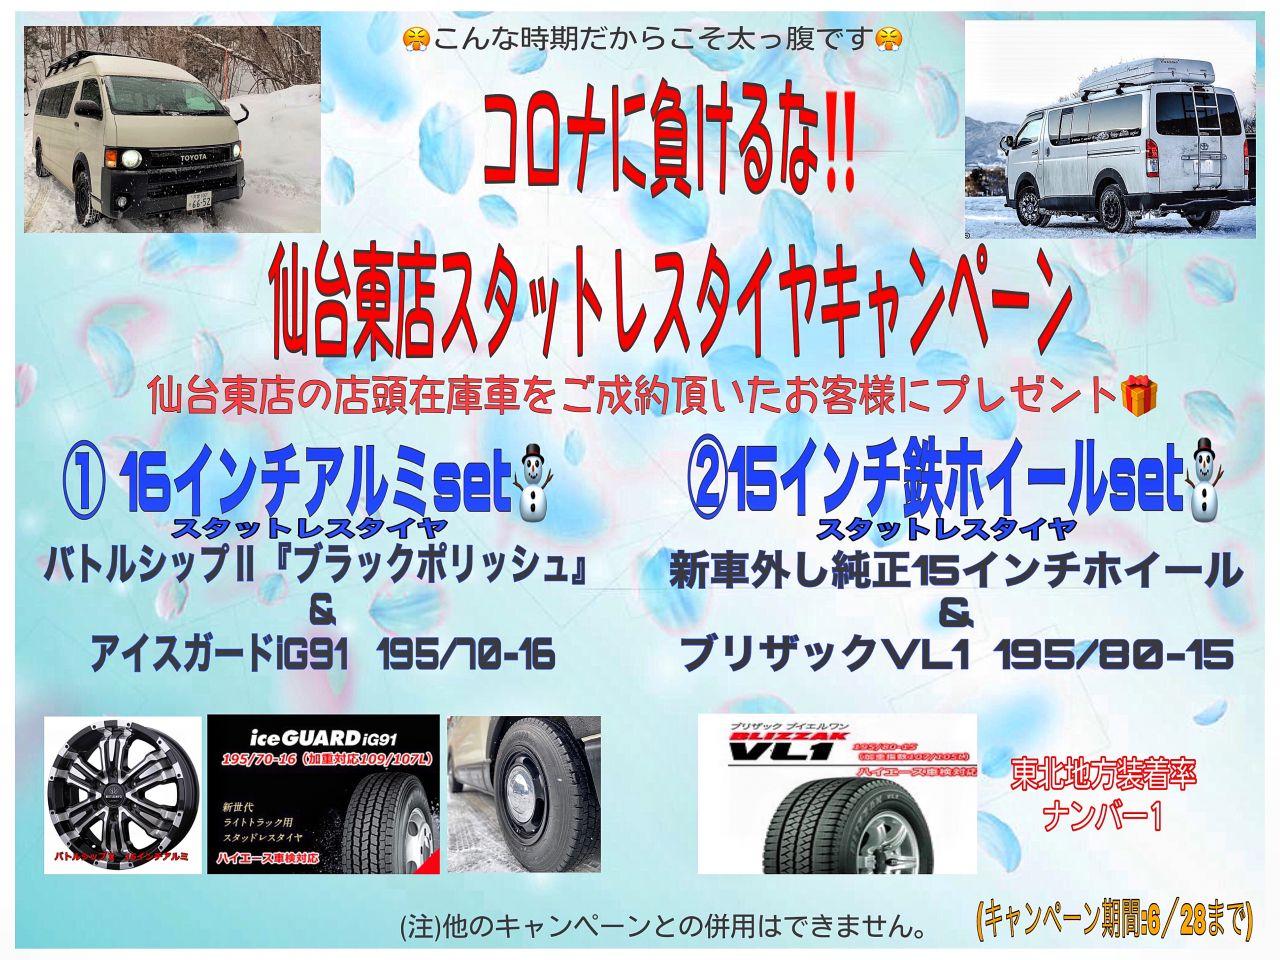 ハイエース仙台東店、スタッドレスタイヤキャンペーン開催!